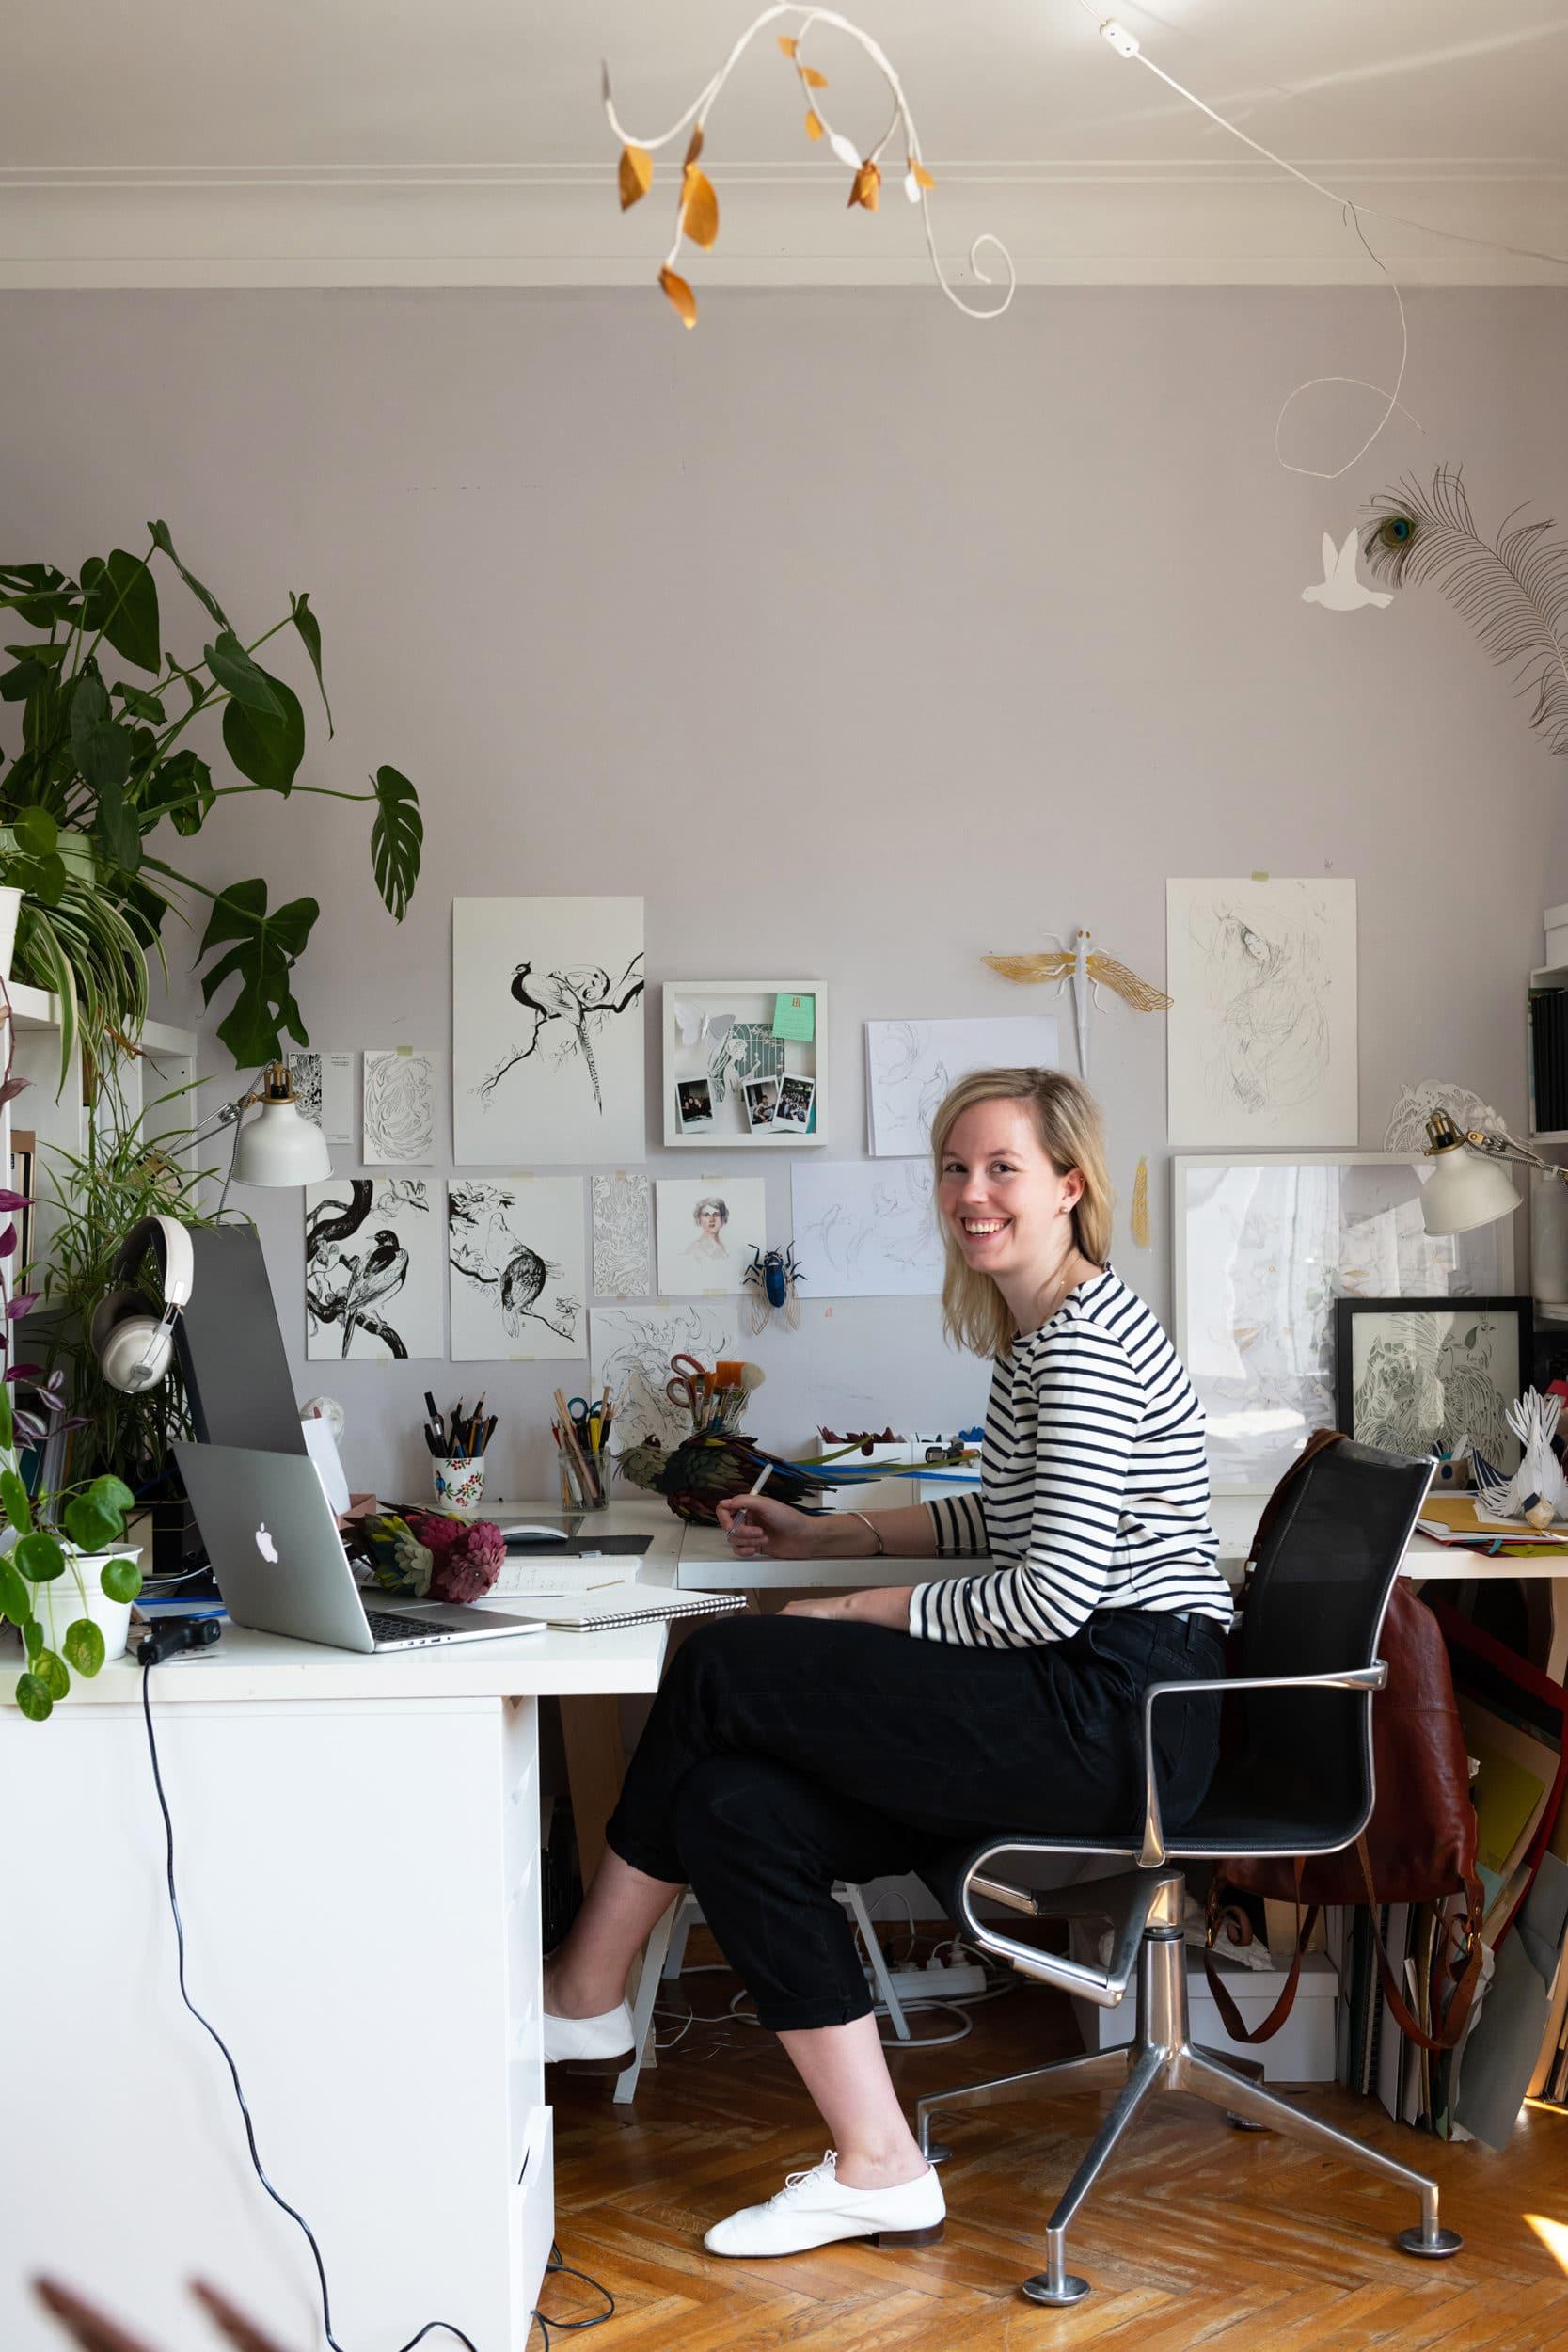 Paper artist & Graphic designer